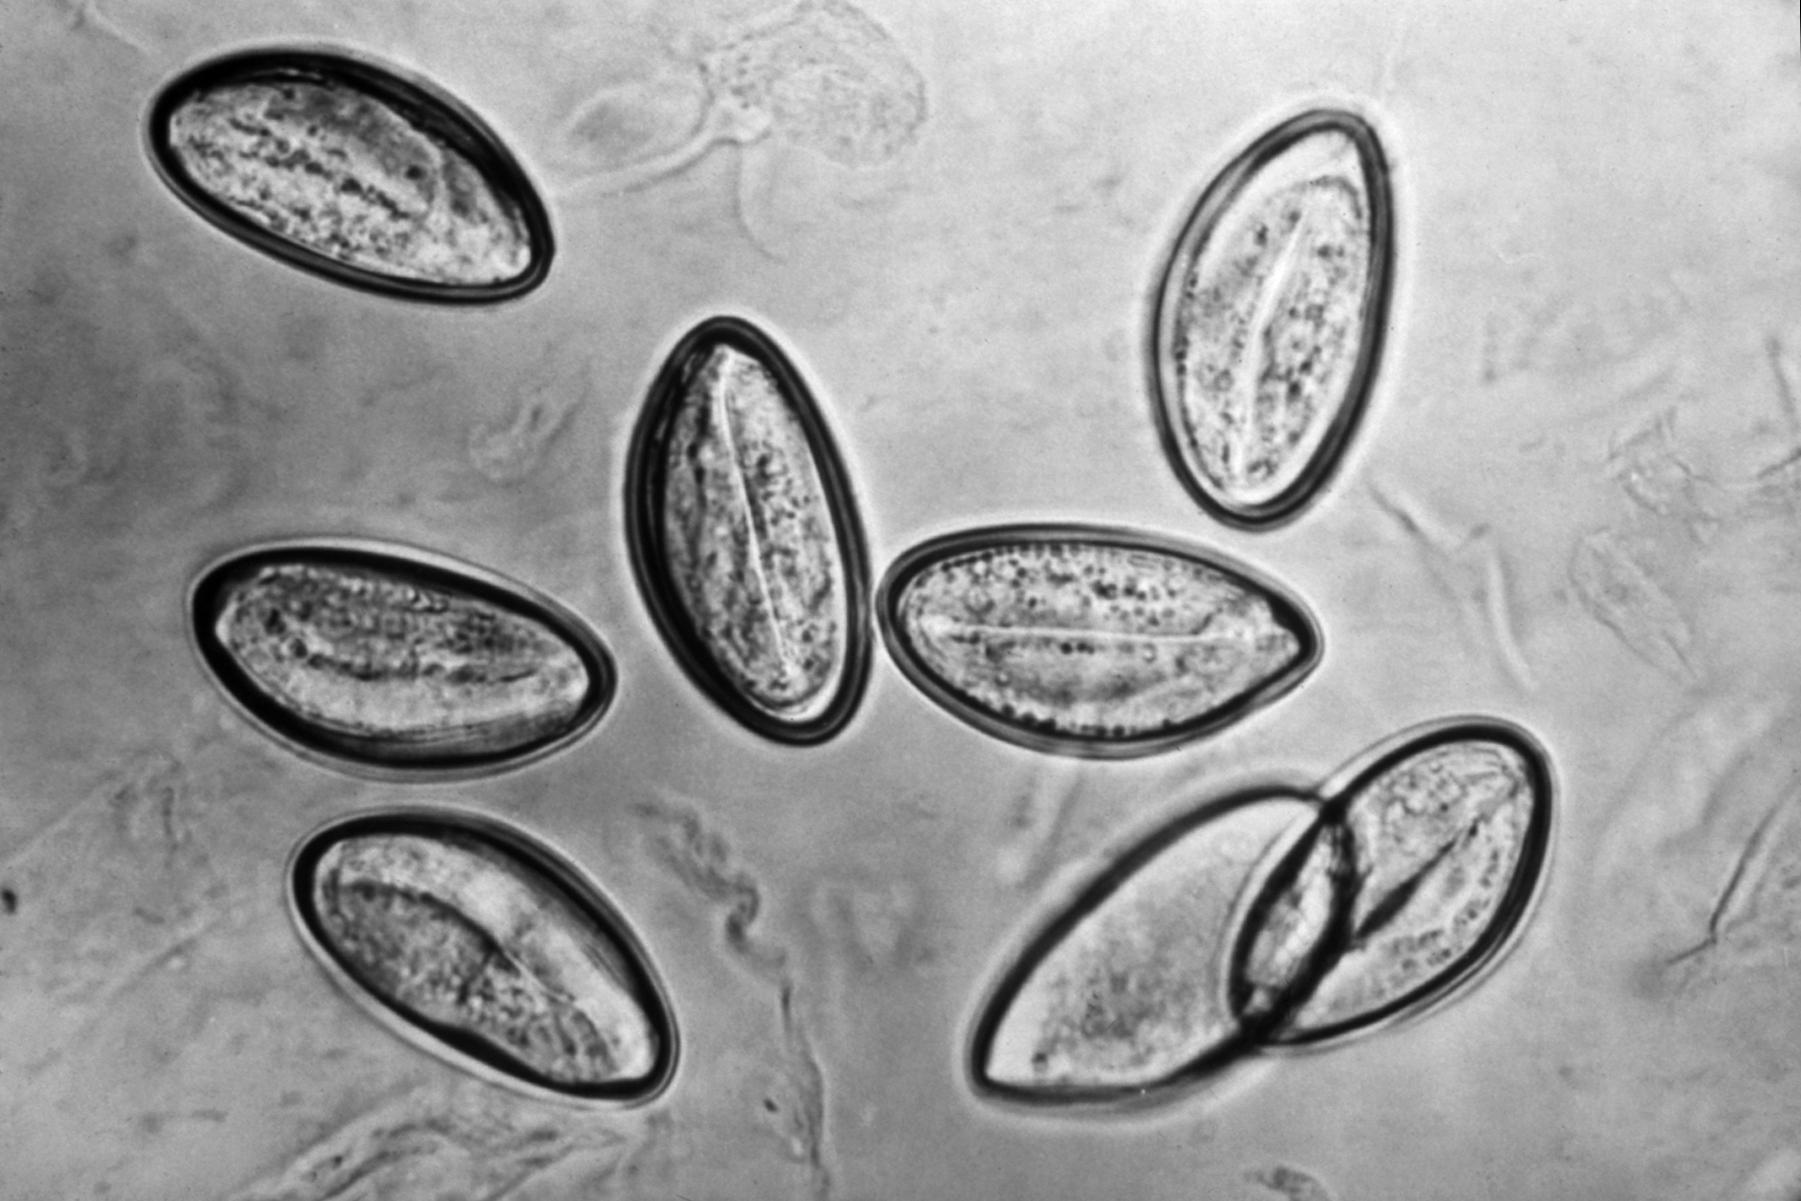 enterobius vermicularis roundworm